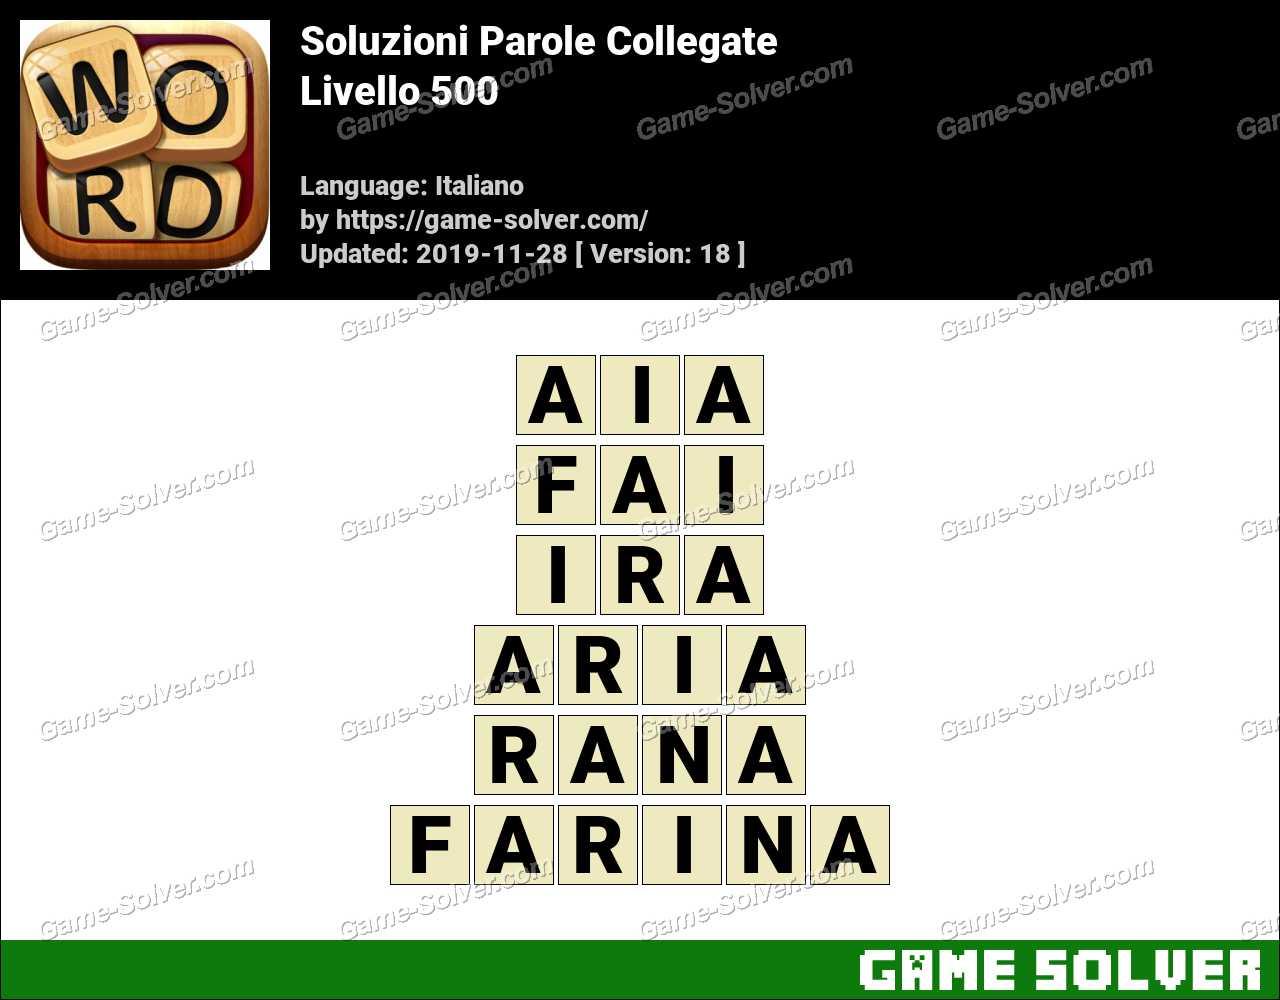 Soluzioni Parole Collegate Livello 500